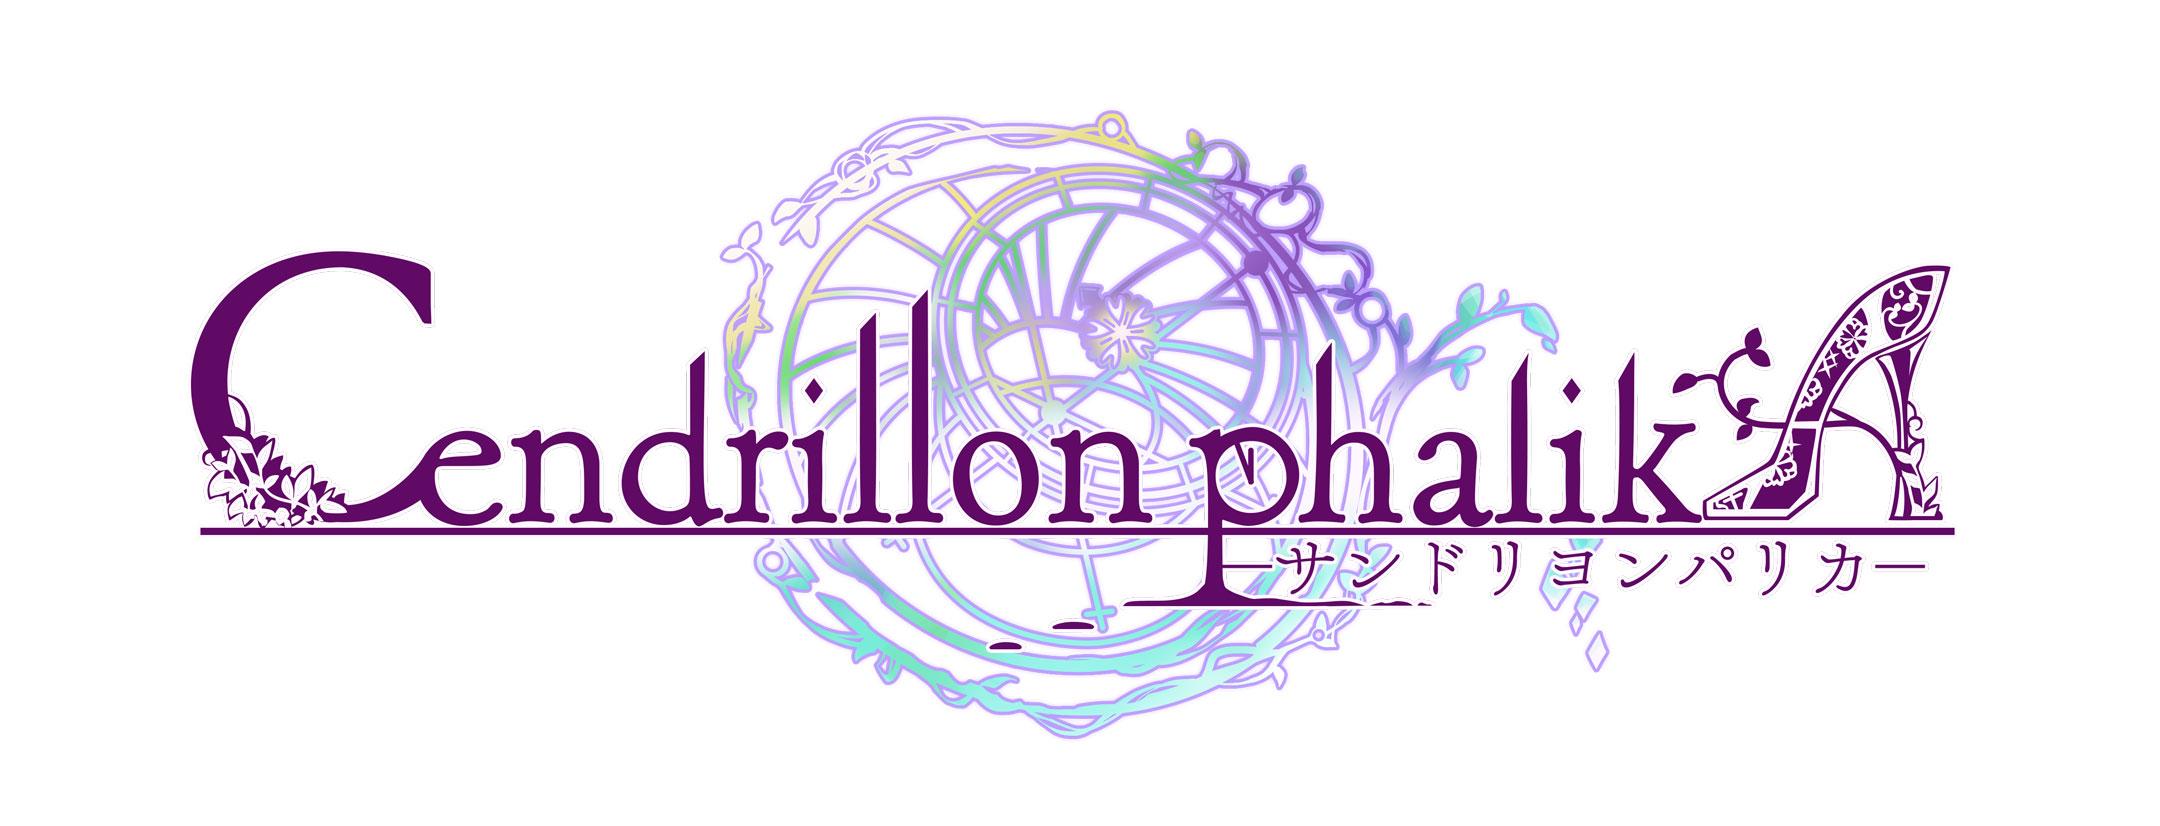 Cendrillon phalikA(サンドリヨンパリカ)